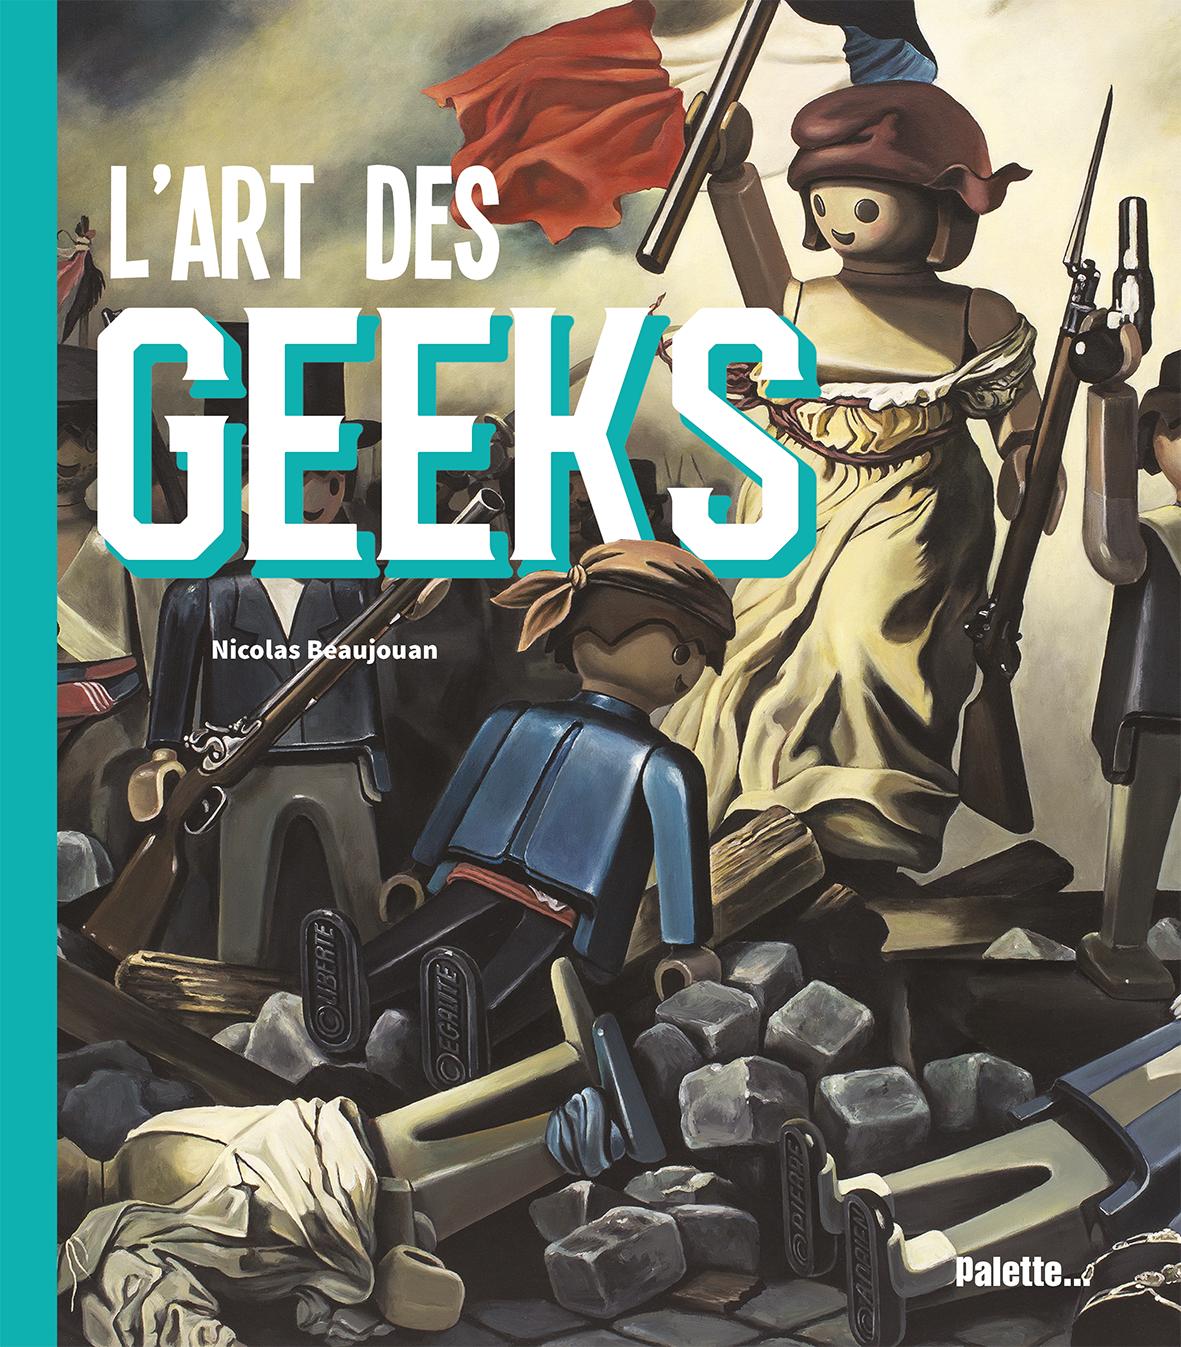 L' Art des geeks